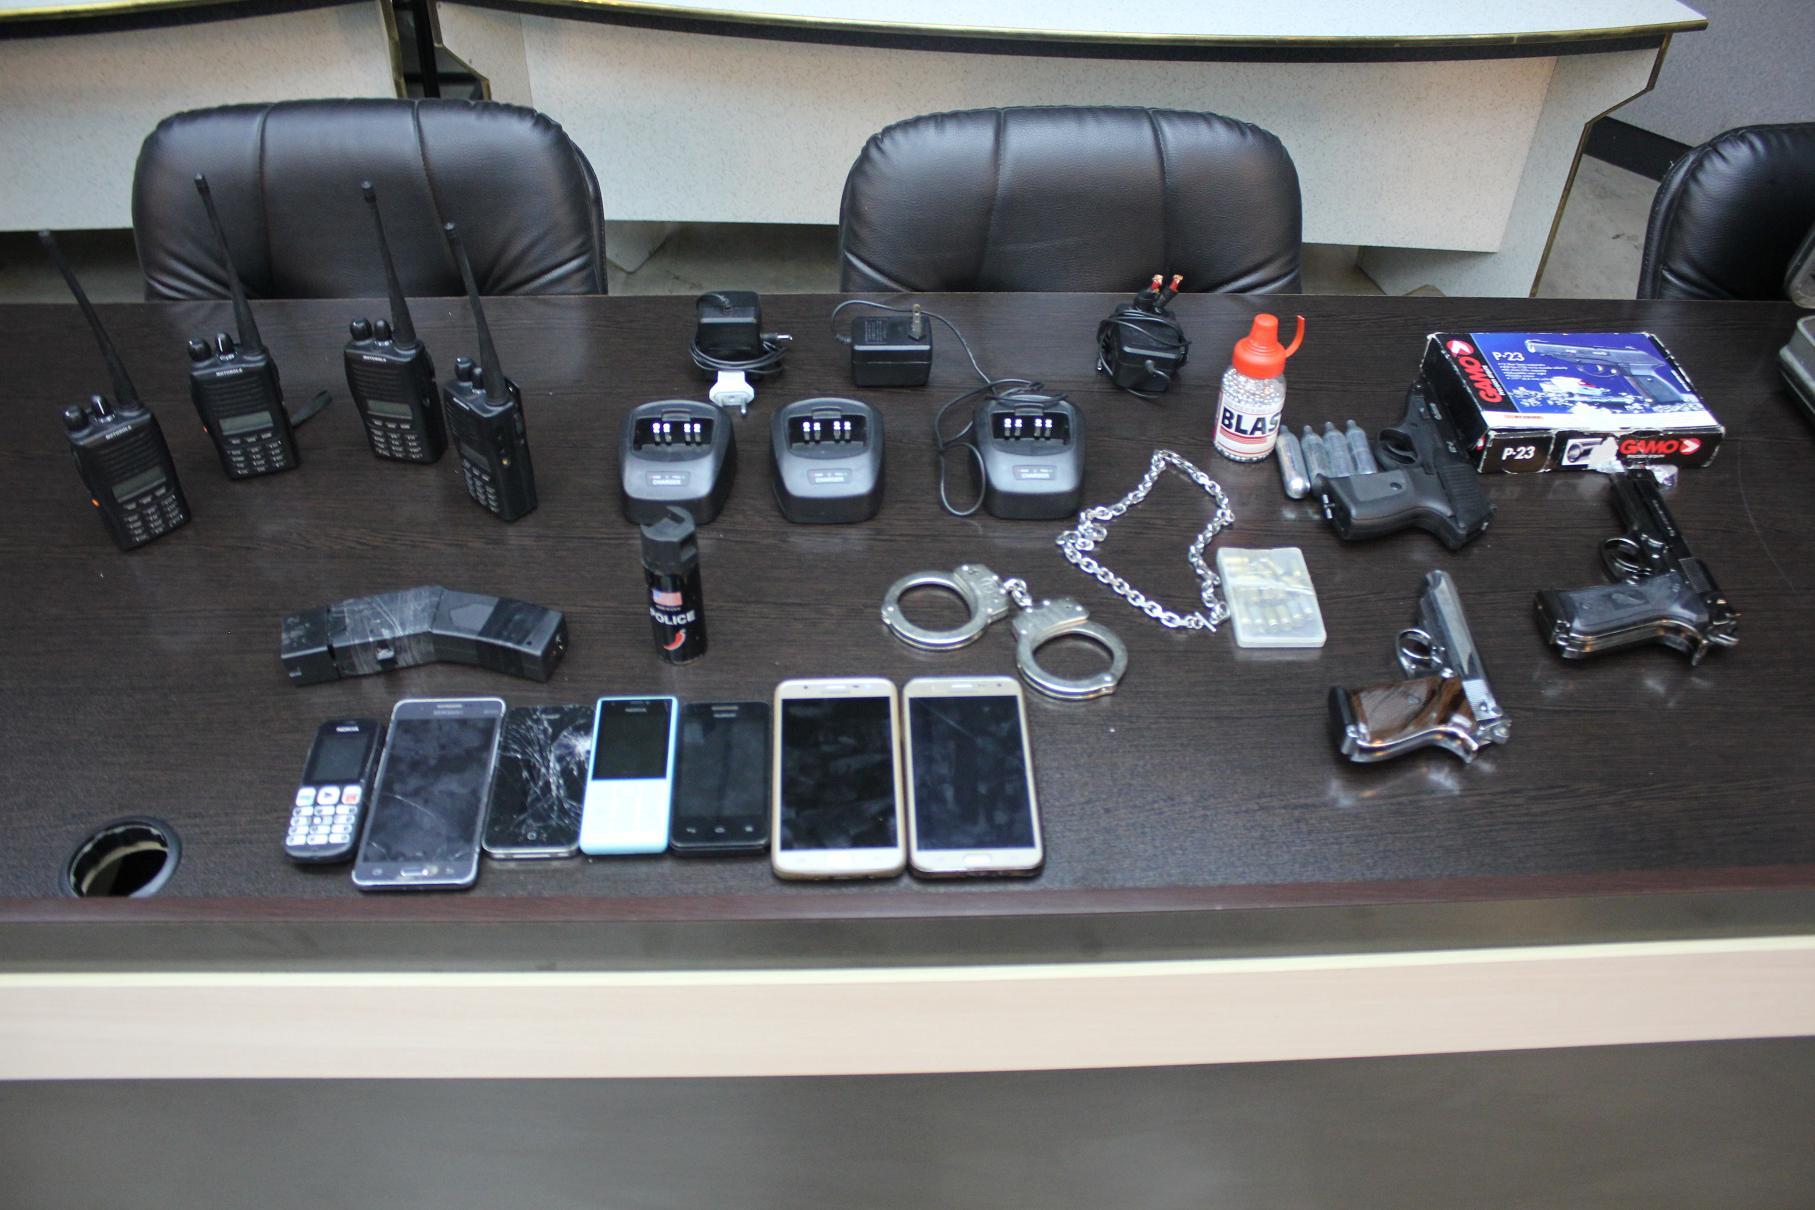 تجهیزات پلیسی کشف شده از متهمین